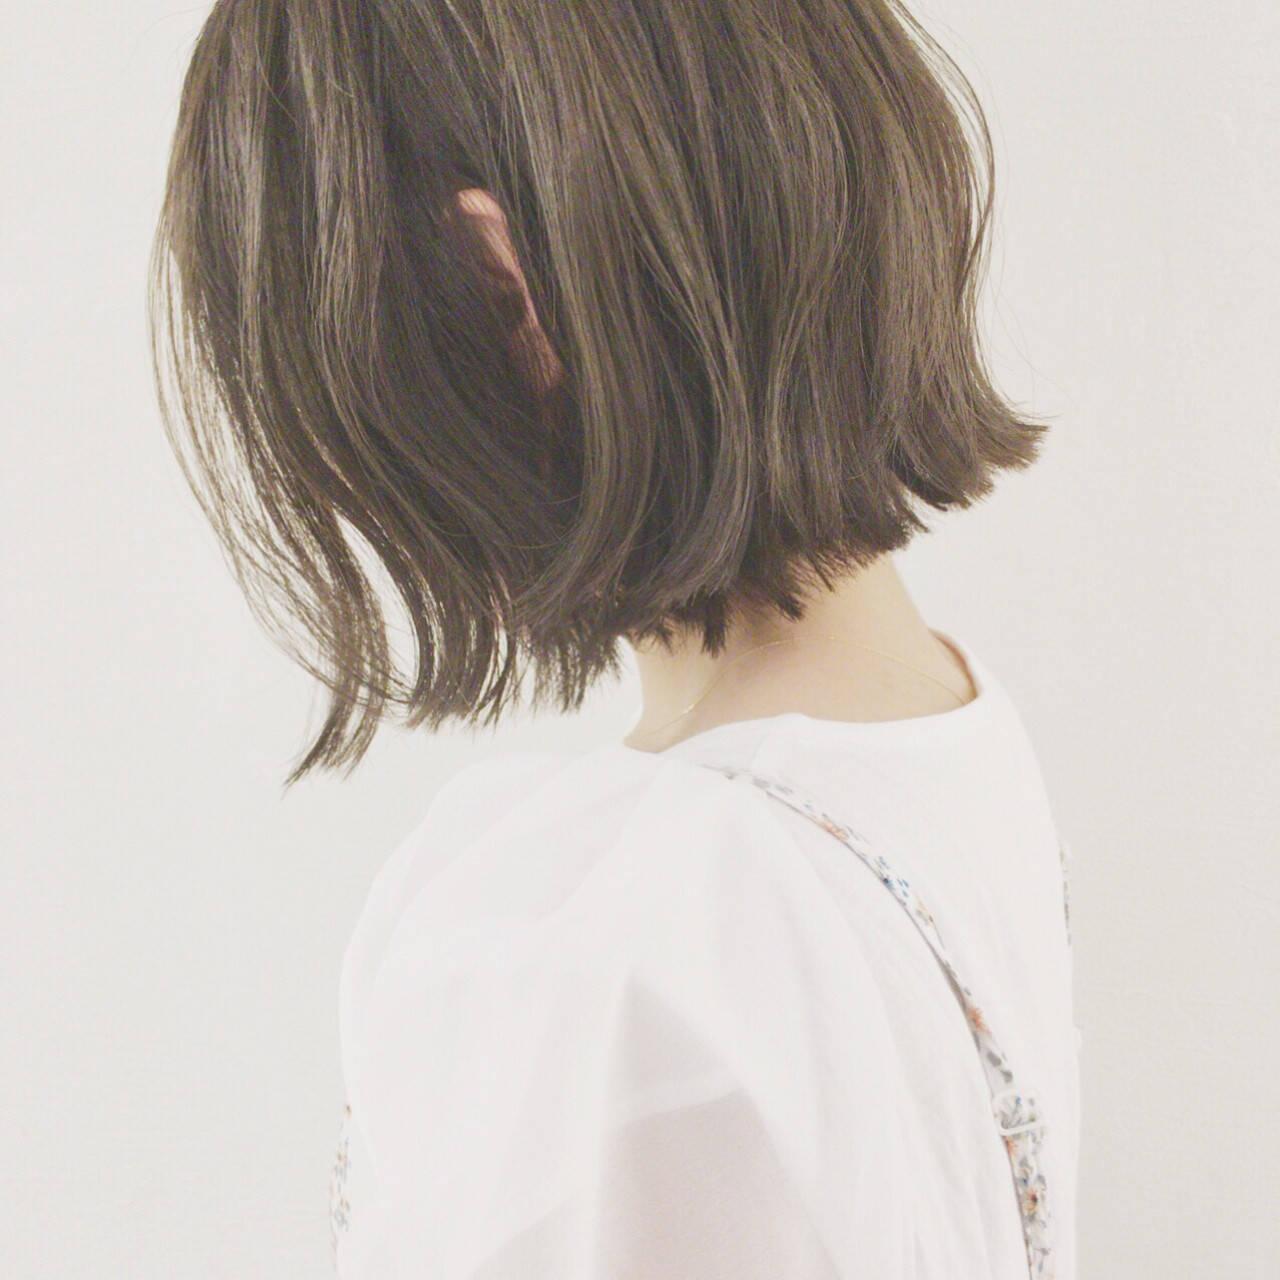 デート ショートボブ ボブ ウェーブヘアスタイルや髪型の写真・画像